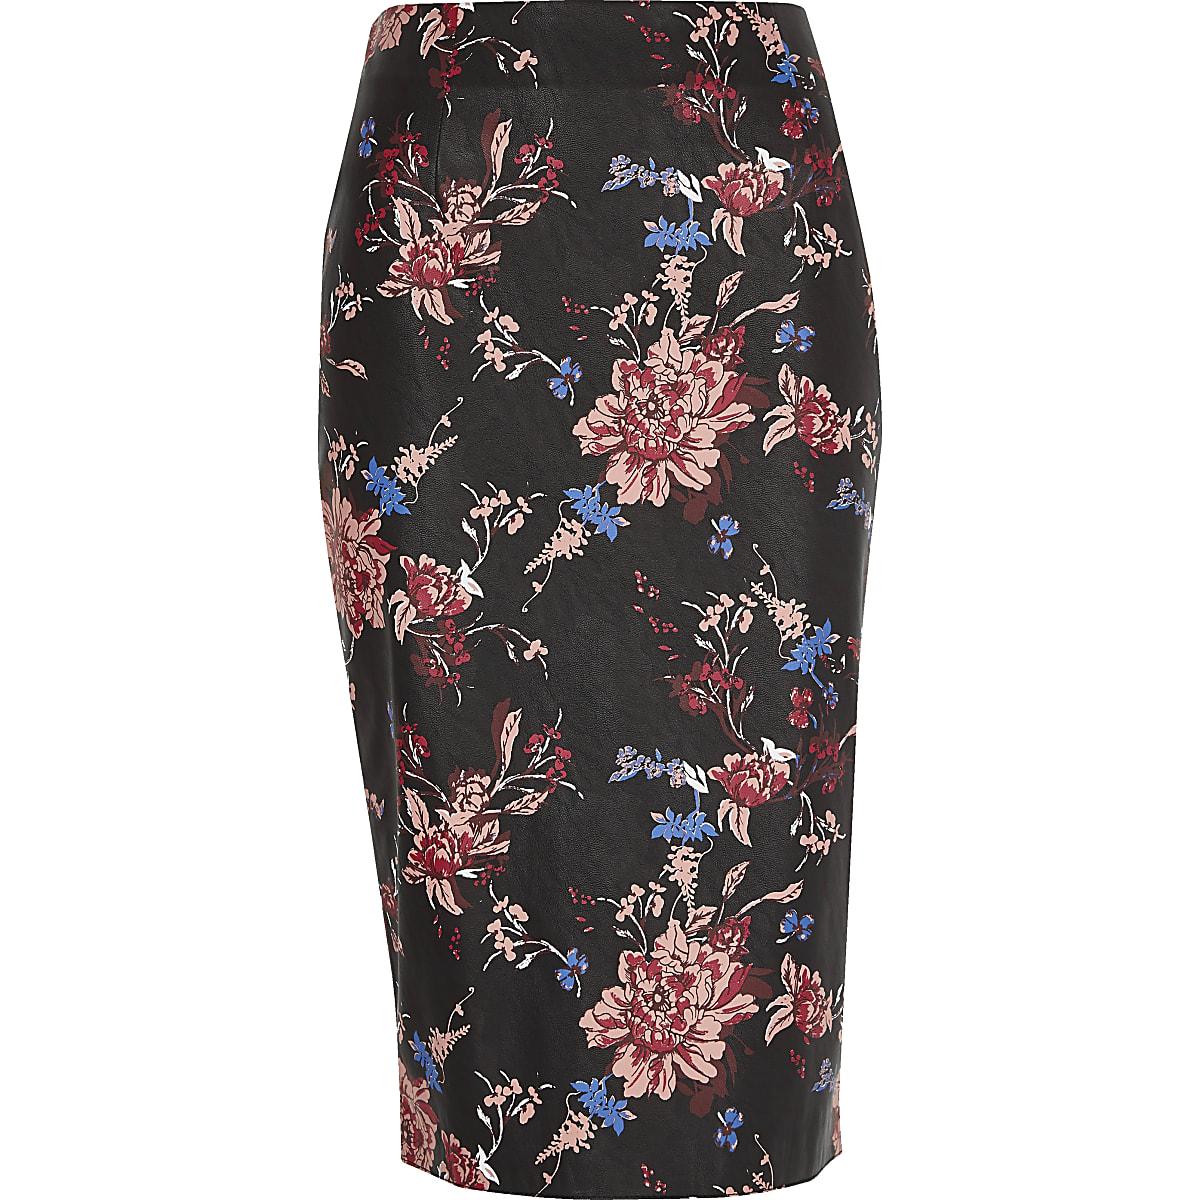 Black faux leather floral print pencil skirt